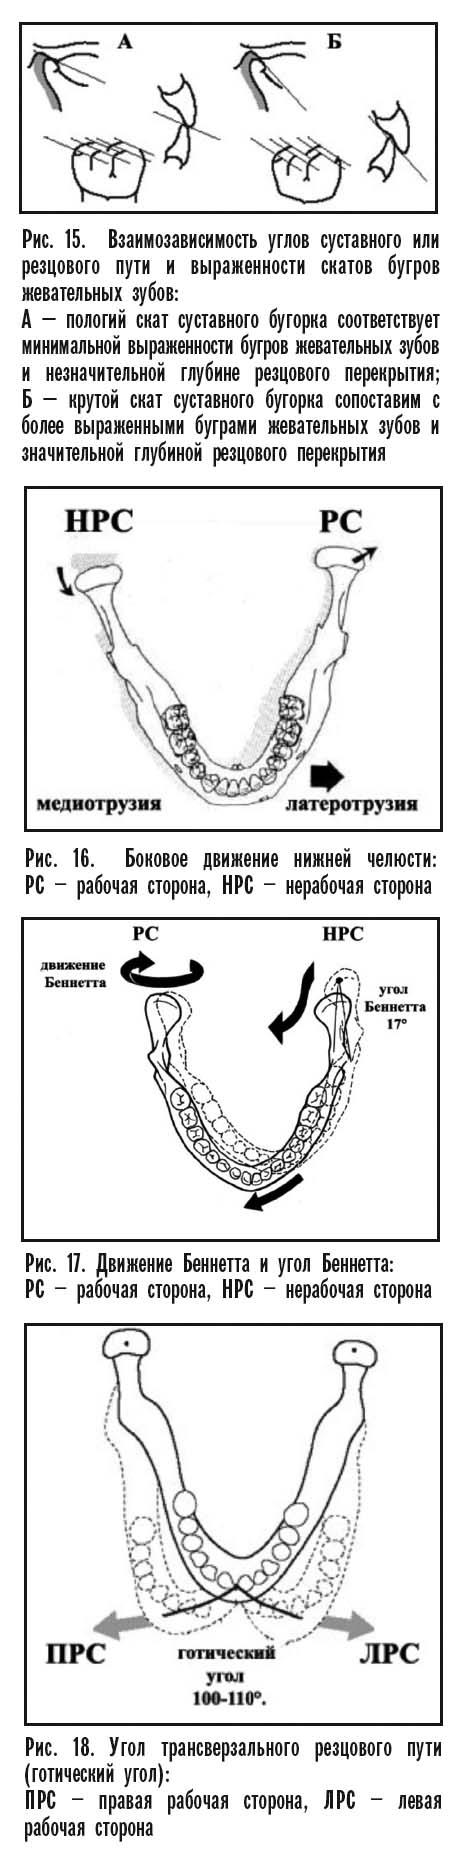 13 09 2014 14 13 остеохондроз тазобедренного сустава заявляет себе